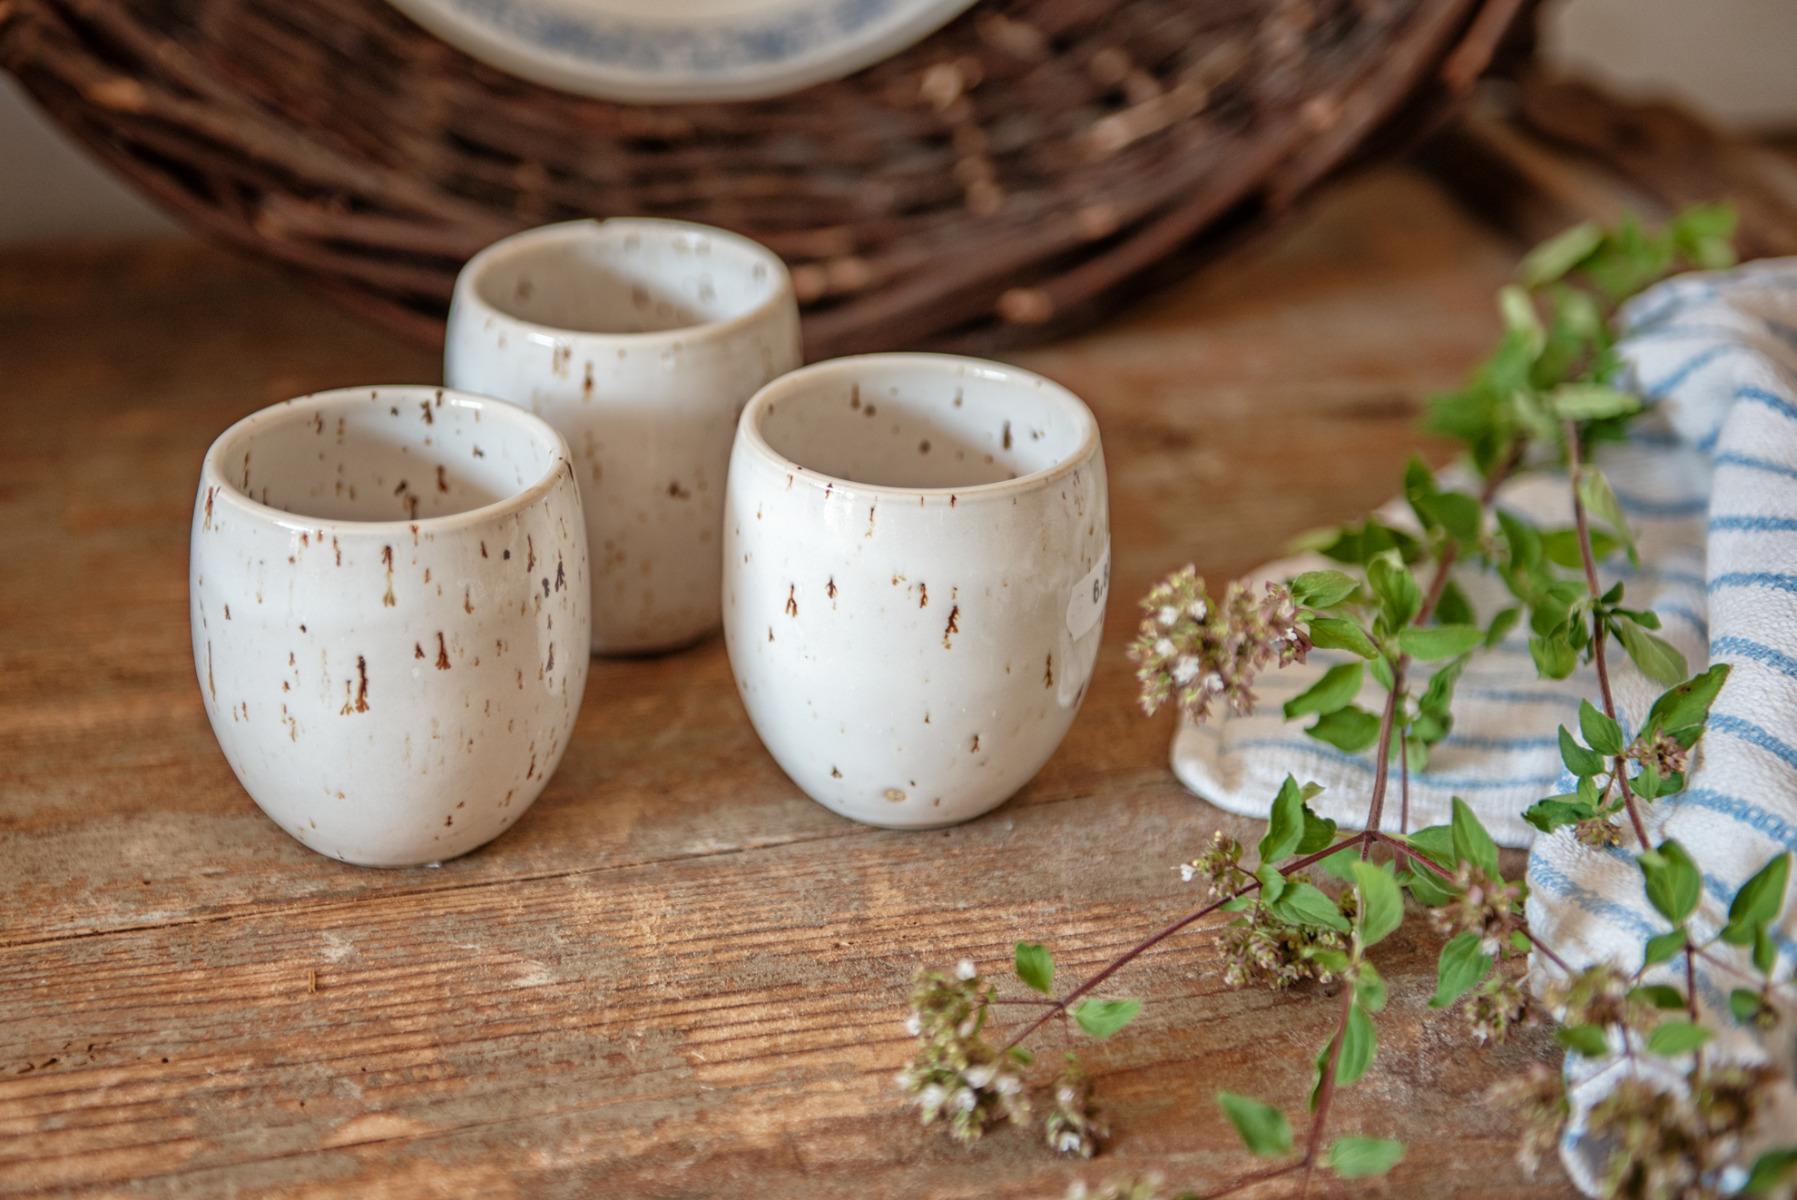 Als Becher für selbstgemachte Säfte oder auch für leckeren Tee, gefallen diese handgetöpferten Gefäße.